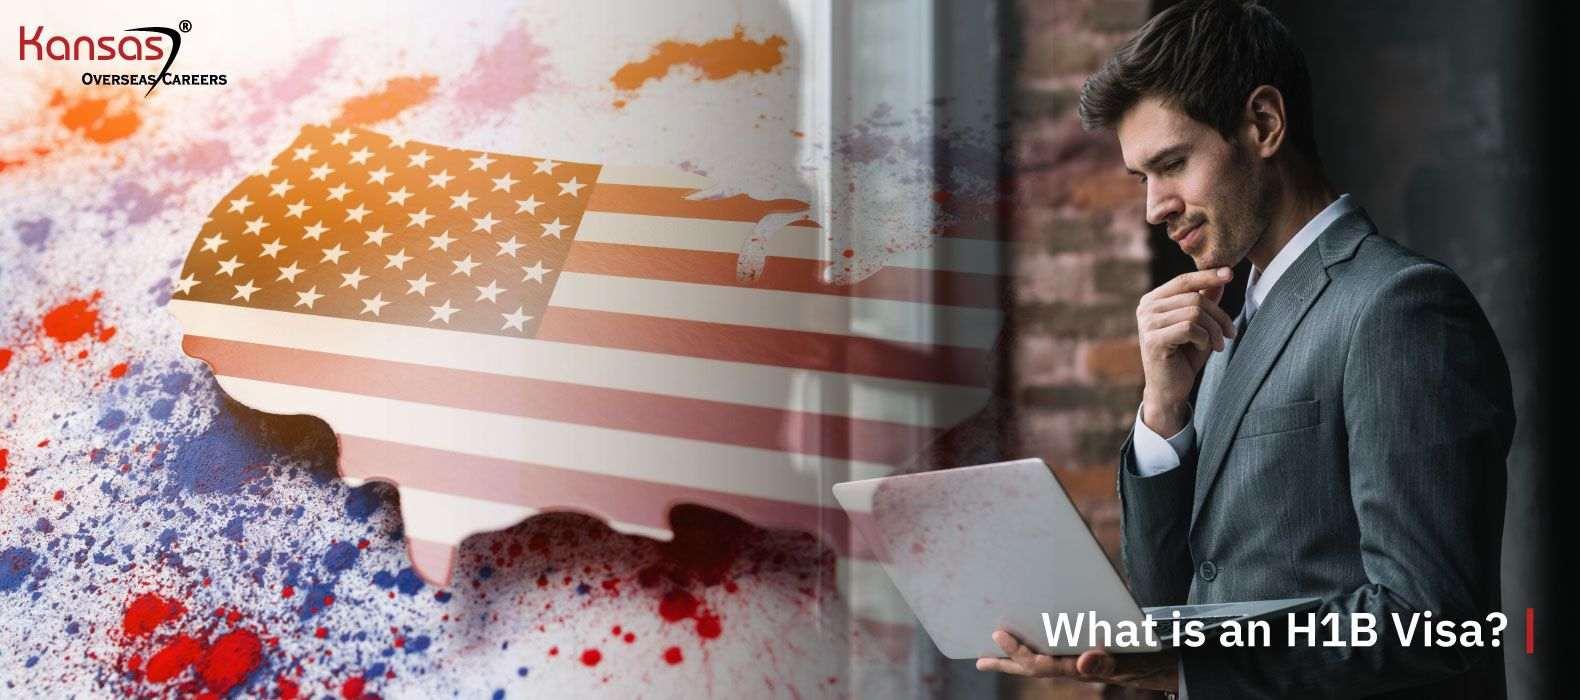 What-is-an-h1b-Visa